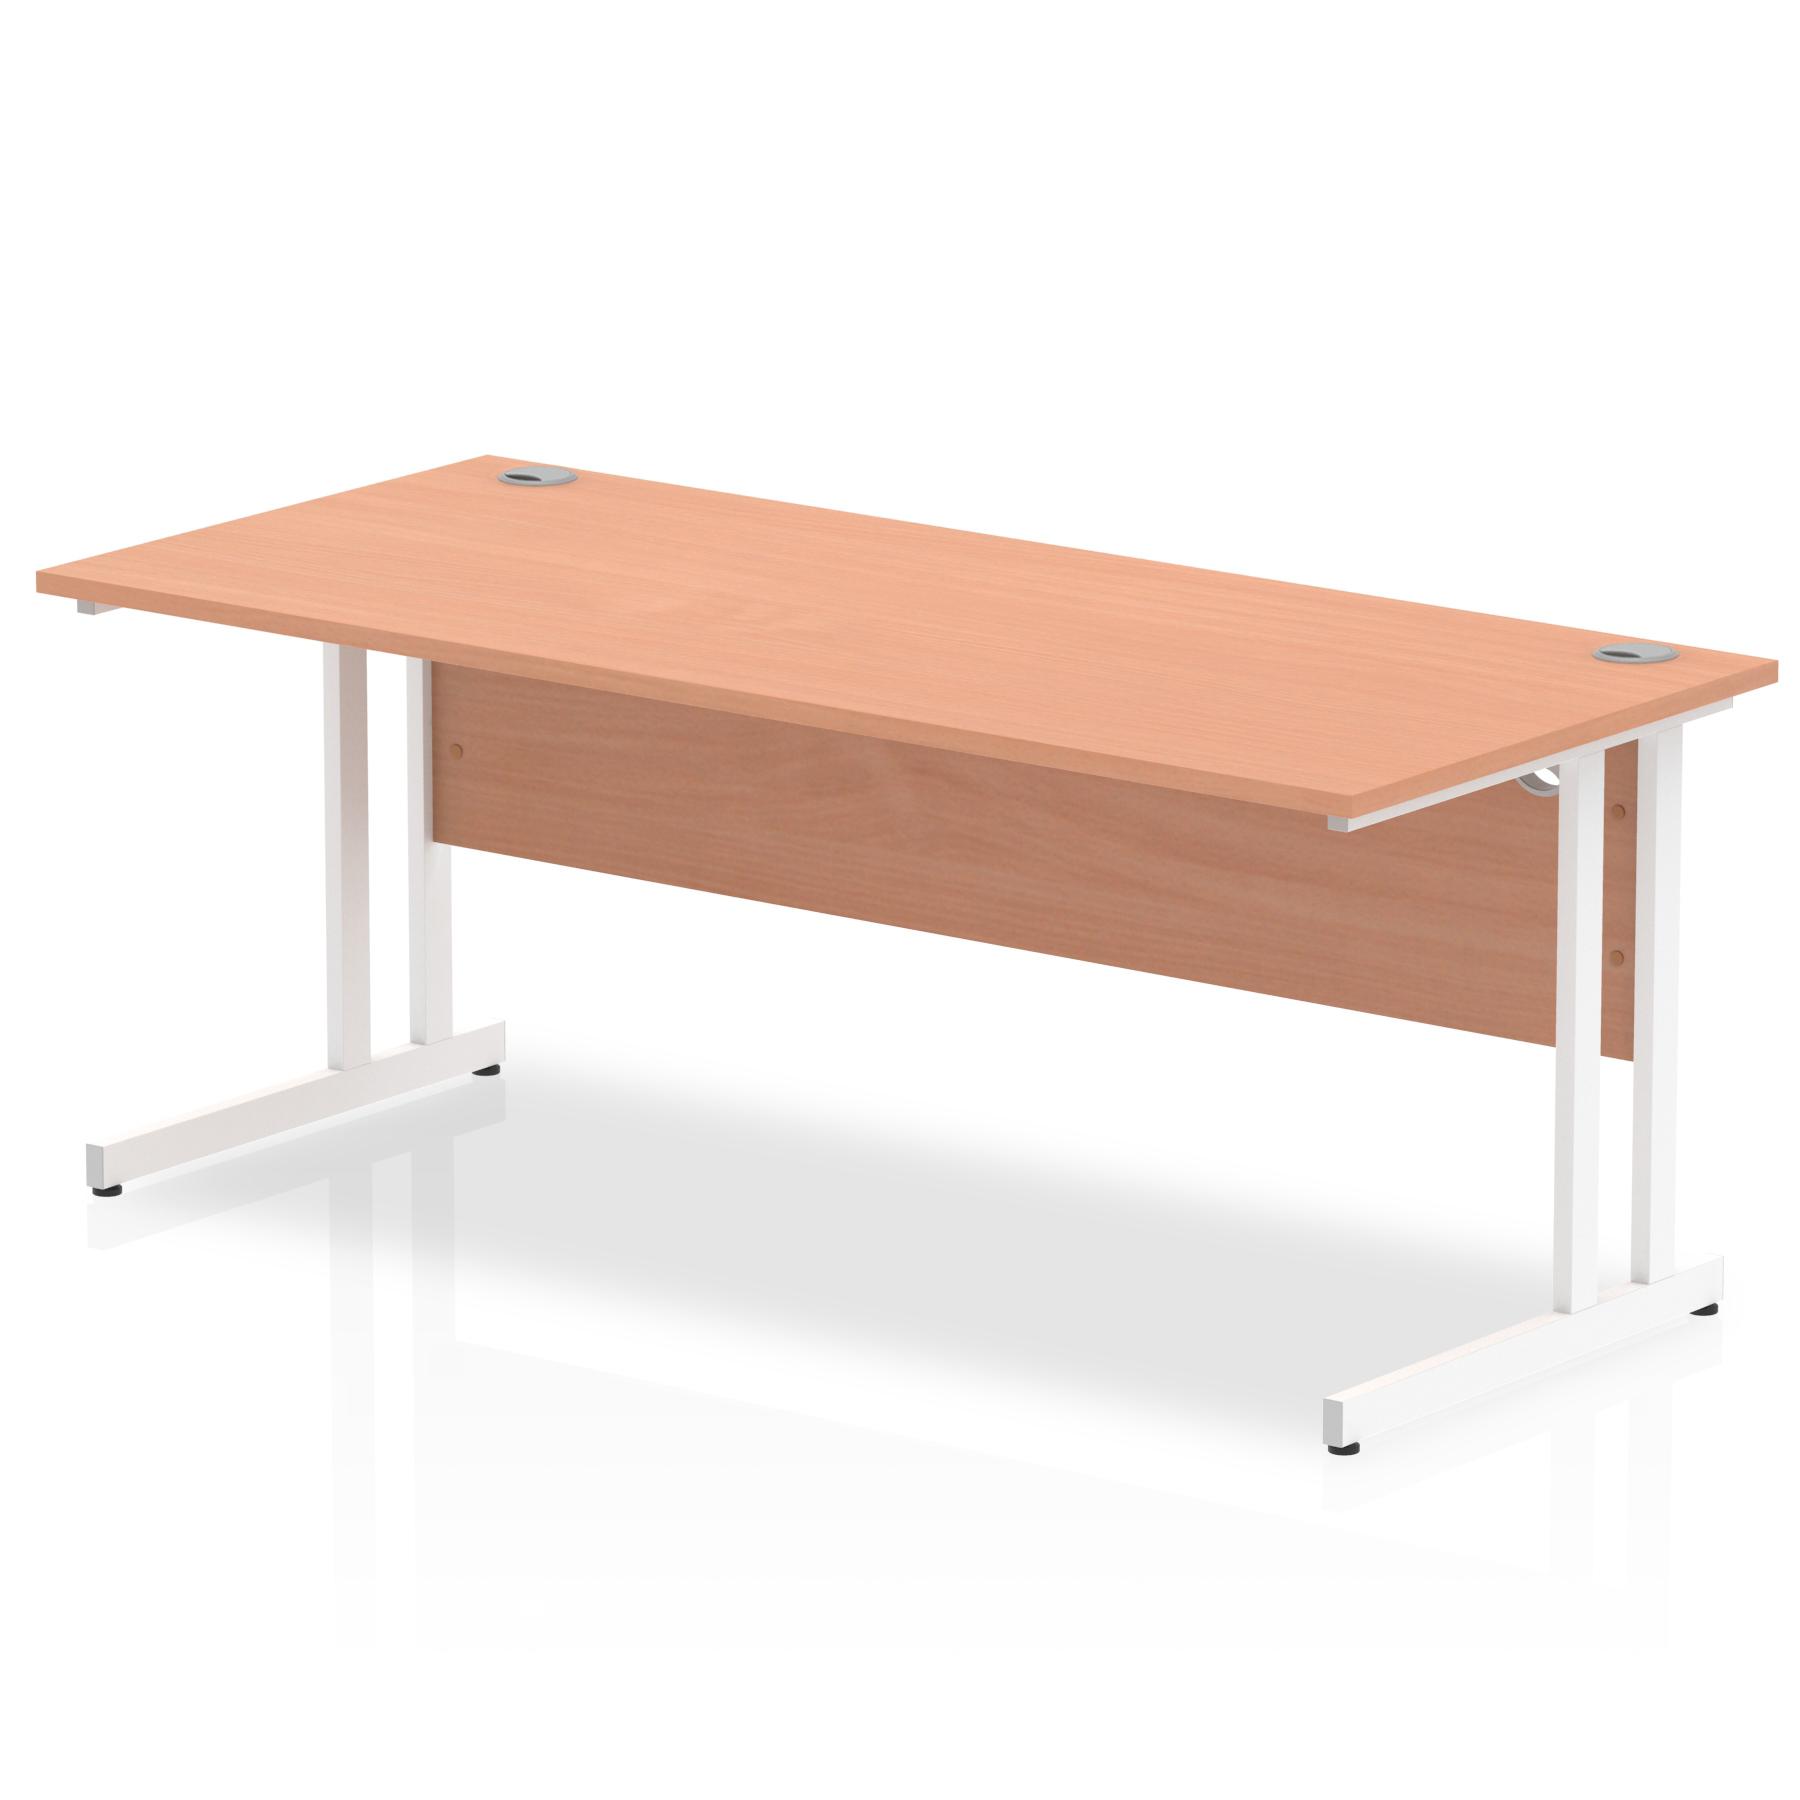 Rectangular Desks Impulse 1800 x 800mm Straight Desk Beech Top White Cantilever Leg MI001677